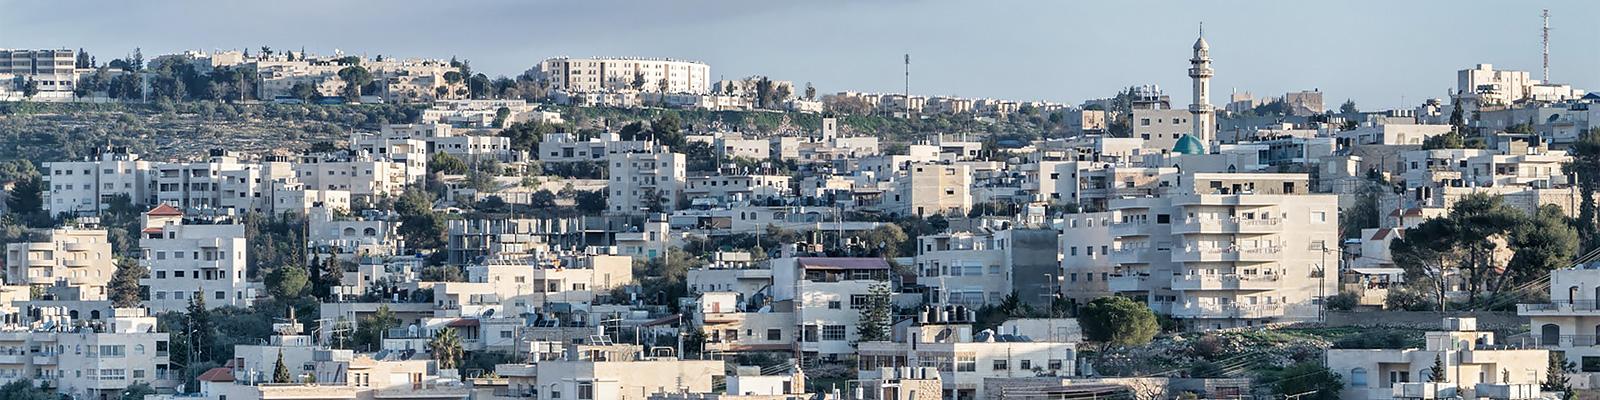 パレスチナ ヨルダン川西岸地区 景観 イメージ